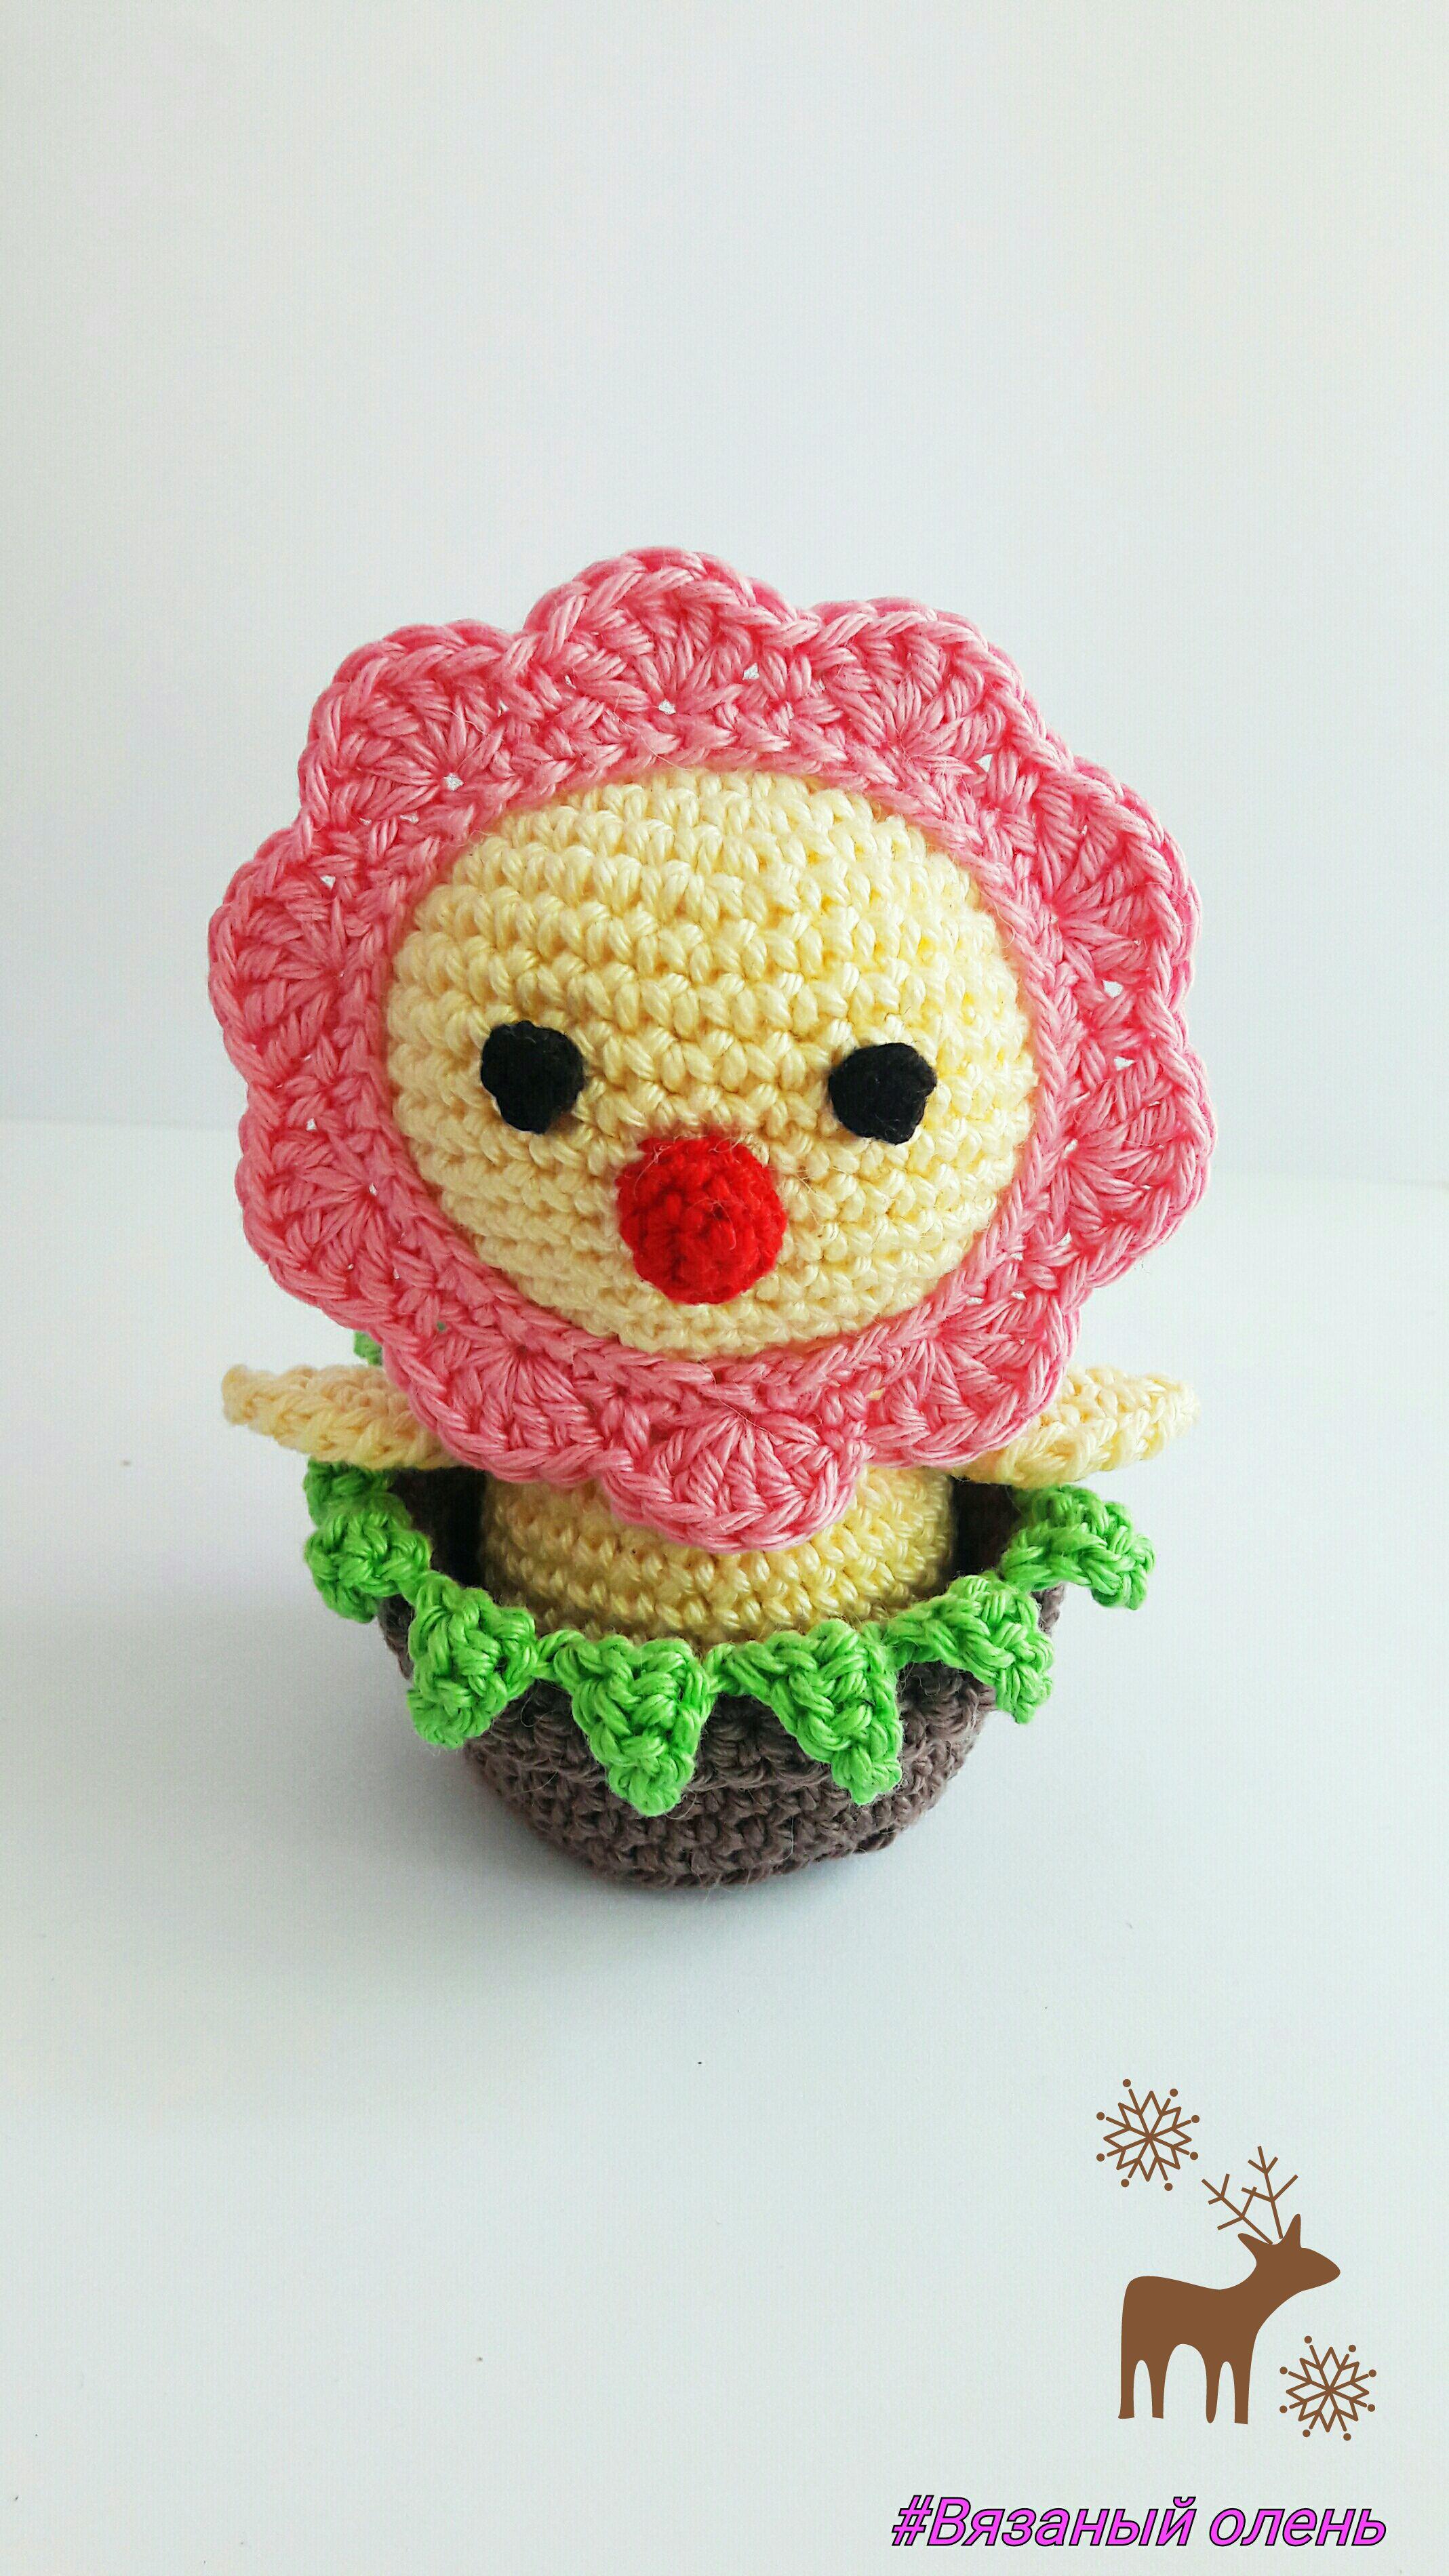 handmade вязание подарки игрушки длядевочки вязанаяигрушка мамыпитера детипитера петергоф вязаныйолень вяжуназаказ амигуруми ручнаяработа